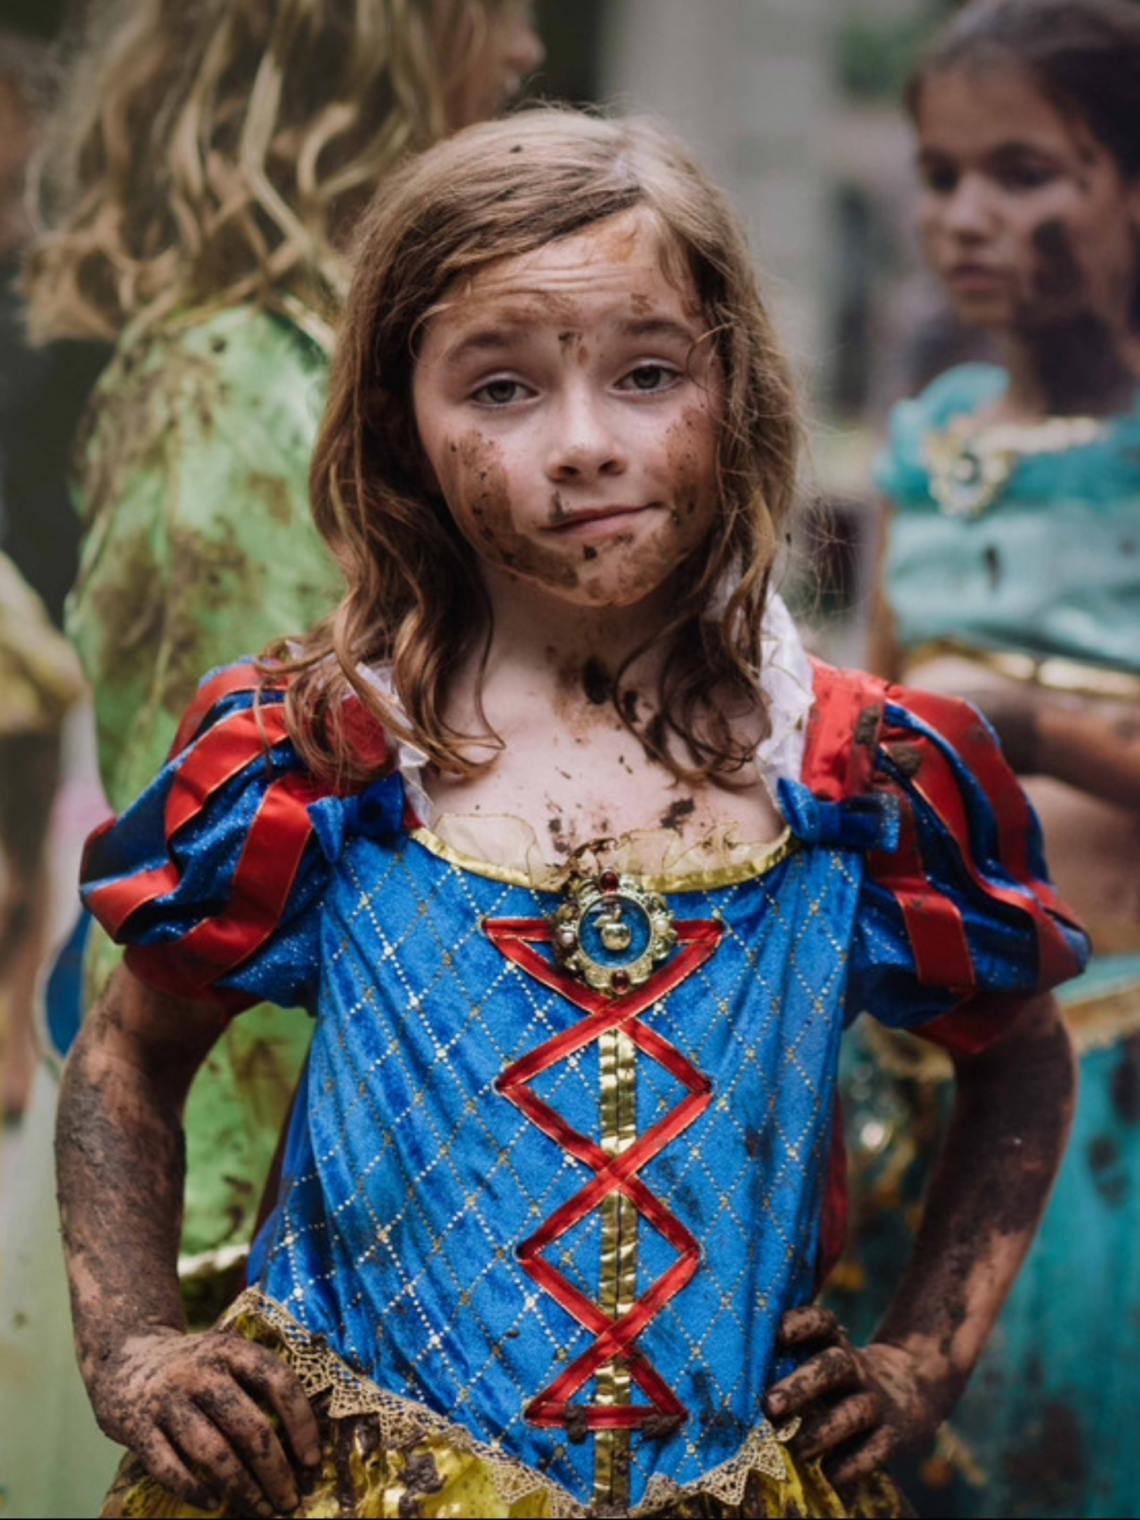 Esta es la nueva campaña de Disney que motiva a las niñas a ser más que princesas ¡Nos encanta!